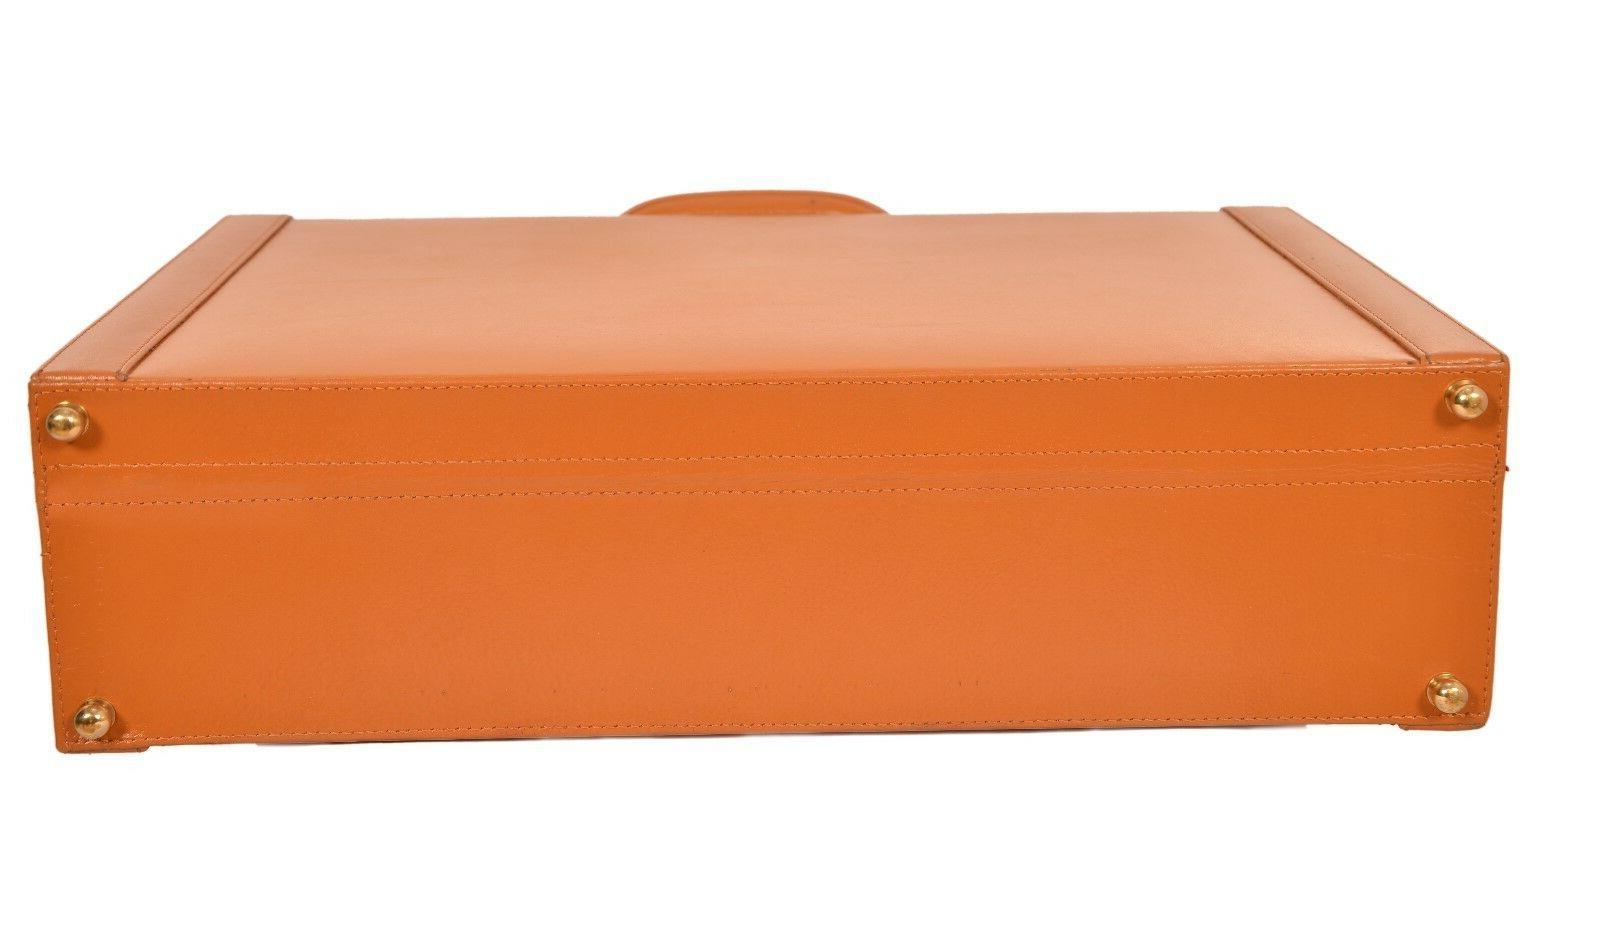 Zint Leather Hard Retro Luggage